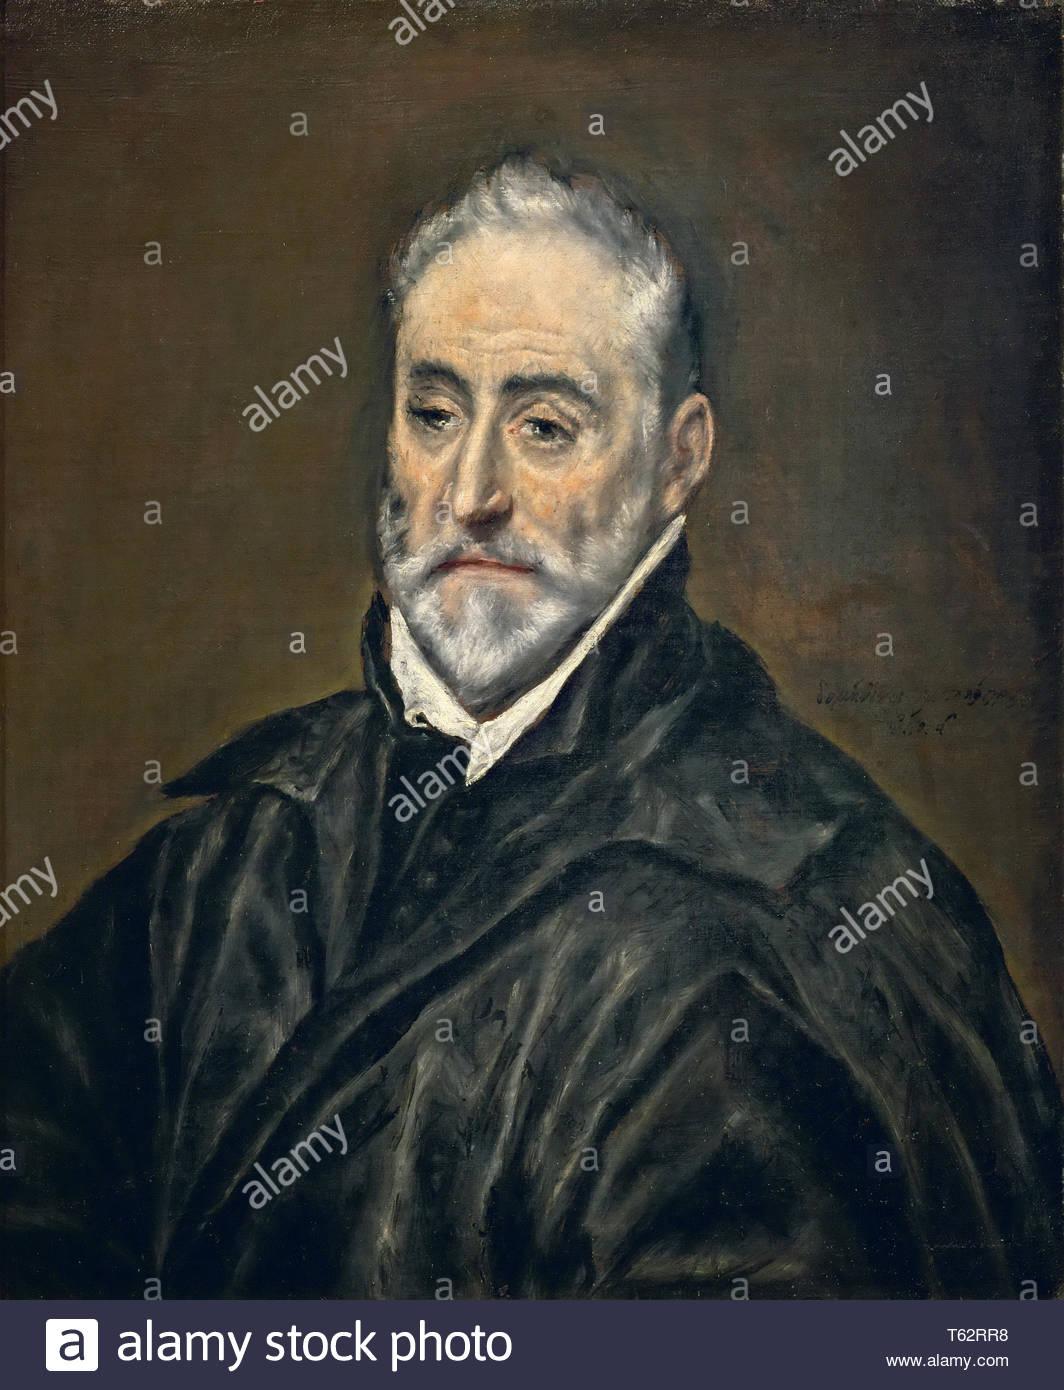 El Greco-Antonio de Covarrubias - Stock Image